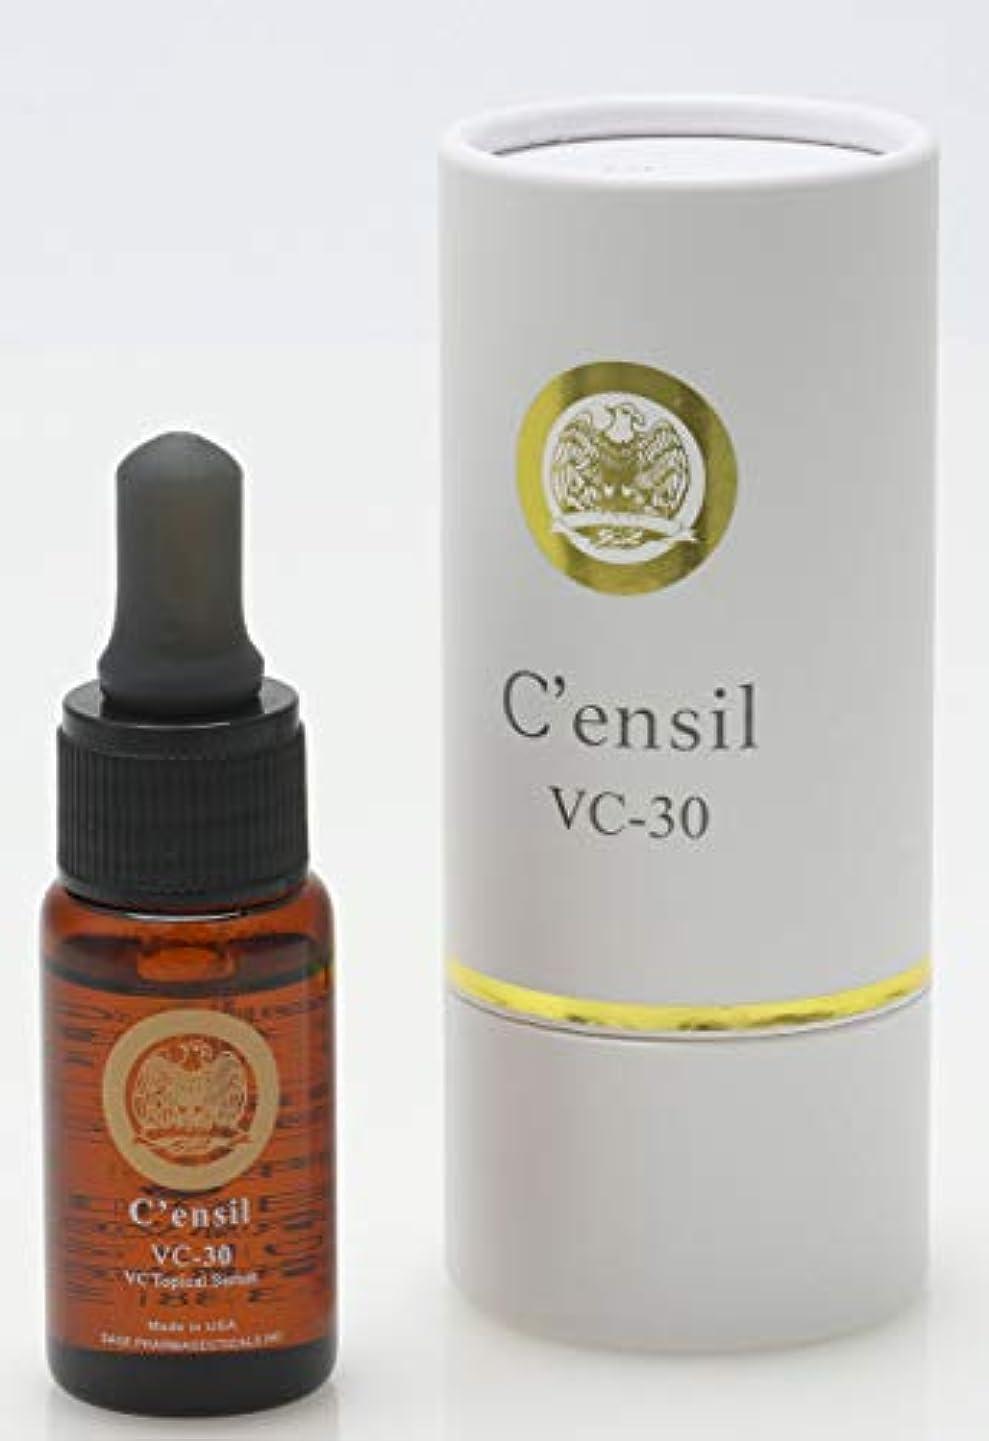 ニンニクフェローシップ今センシル C'ensil VC-30:12ml (美容液)